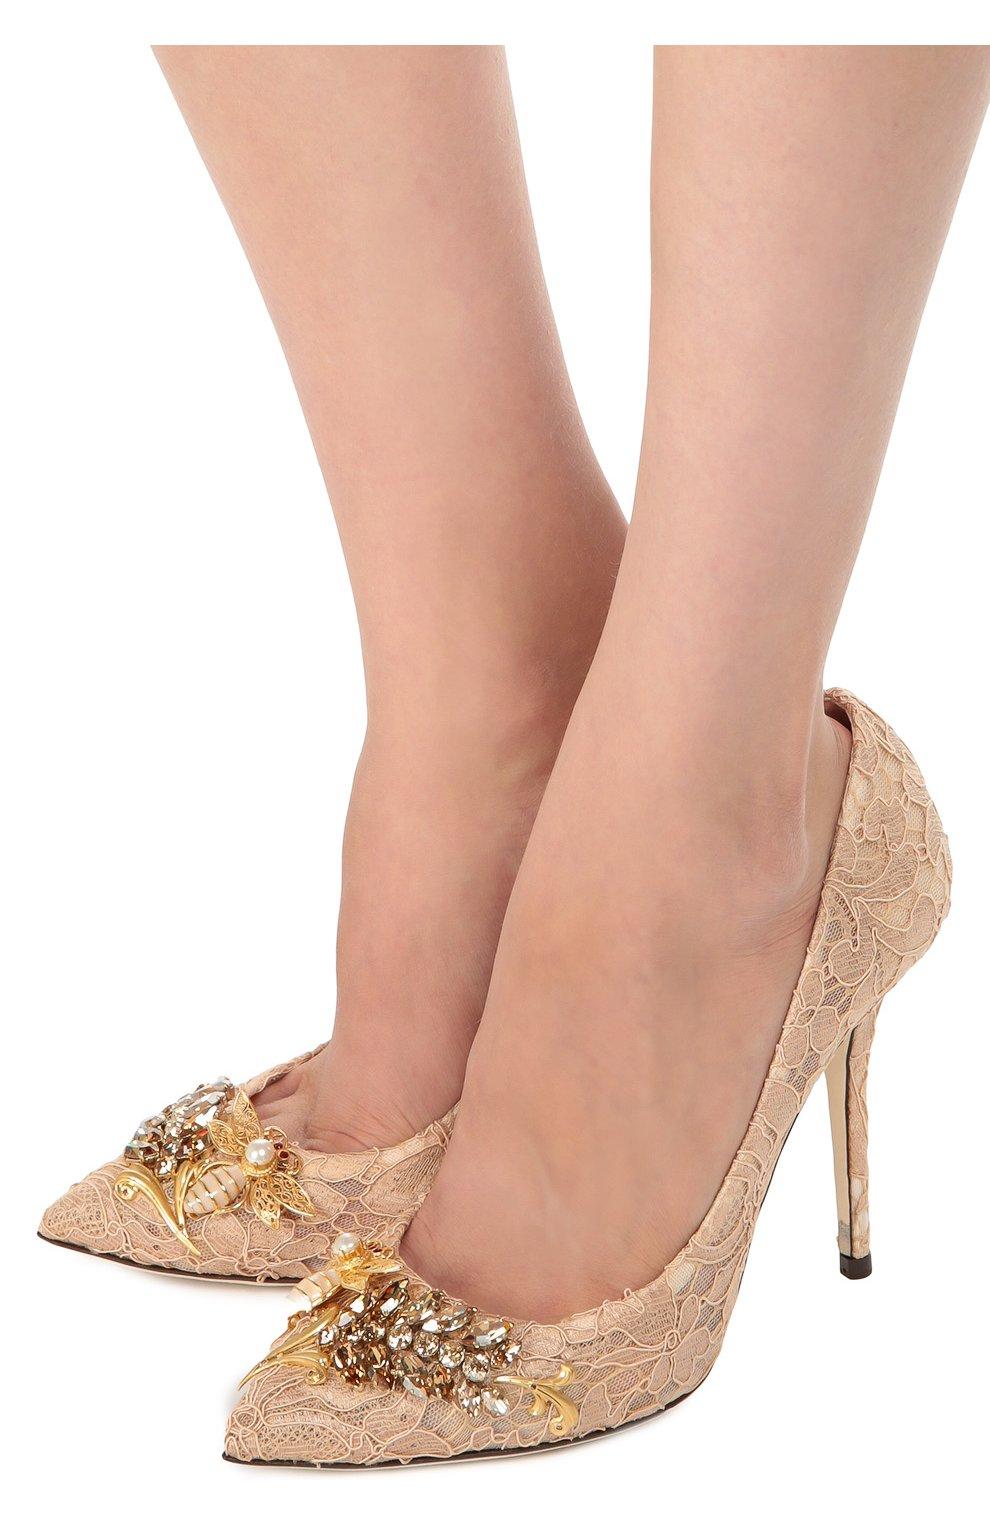 Кружевные туфли Belucci с декором | Фото №2